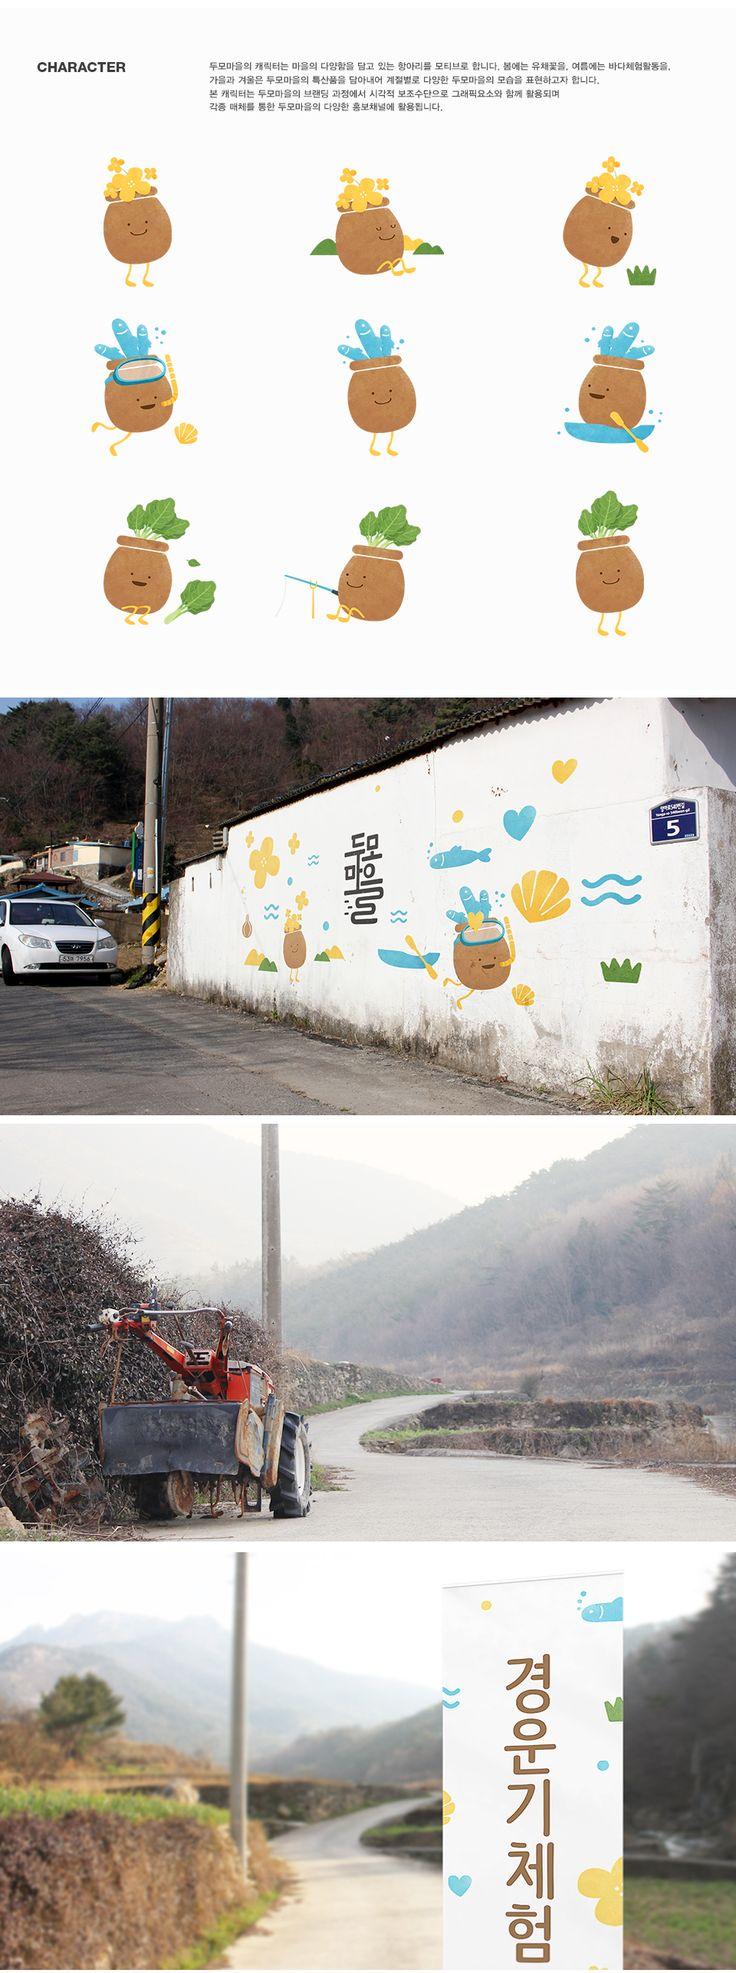 두모마을 Doomo Maeul (Village) branding by Sunny Island Design Studio